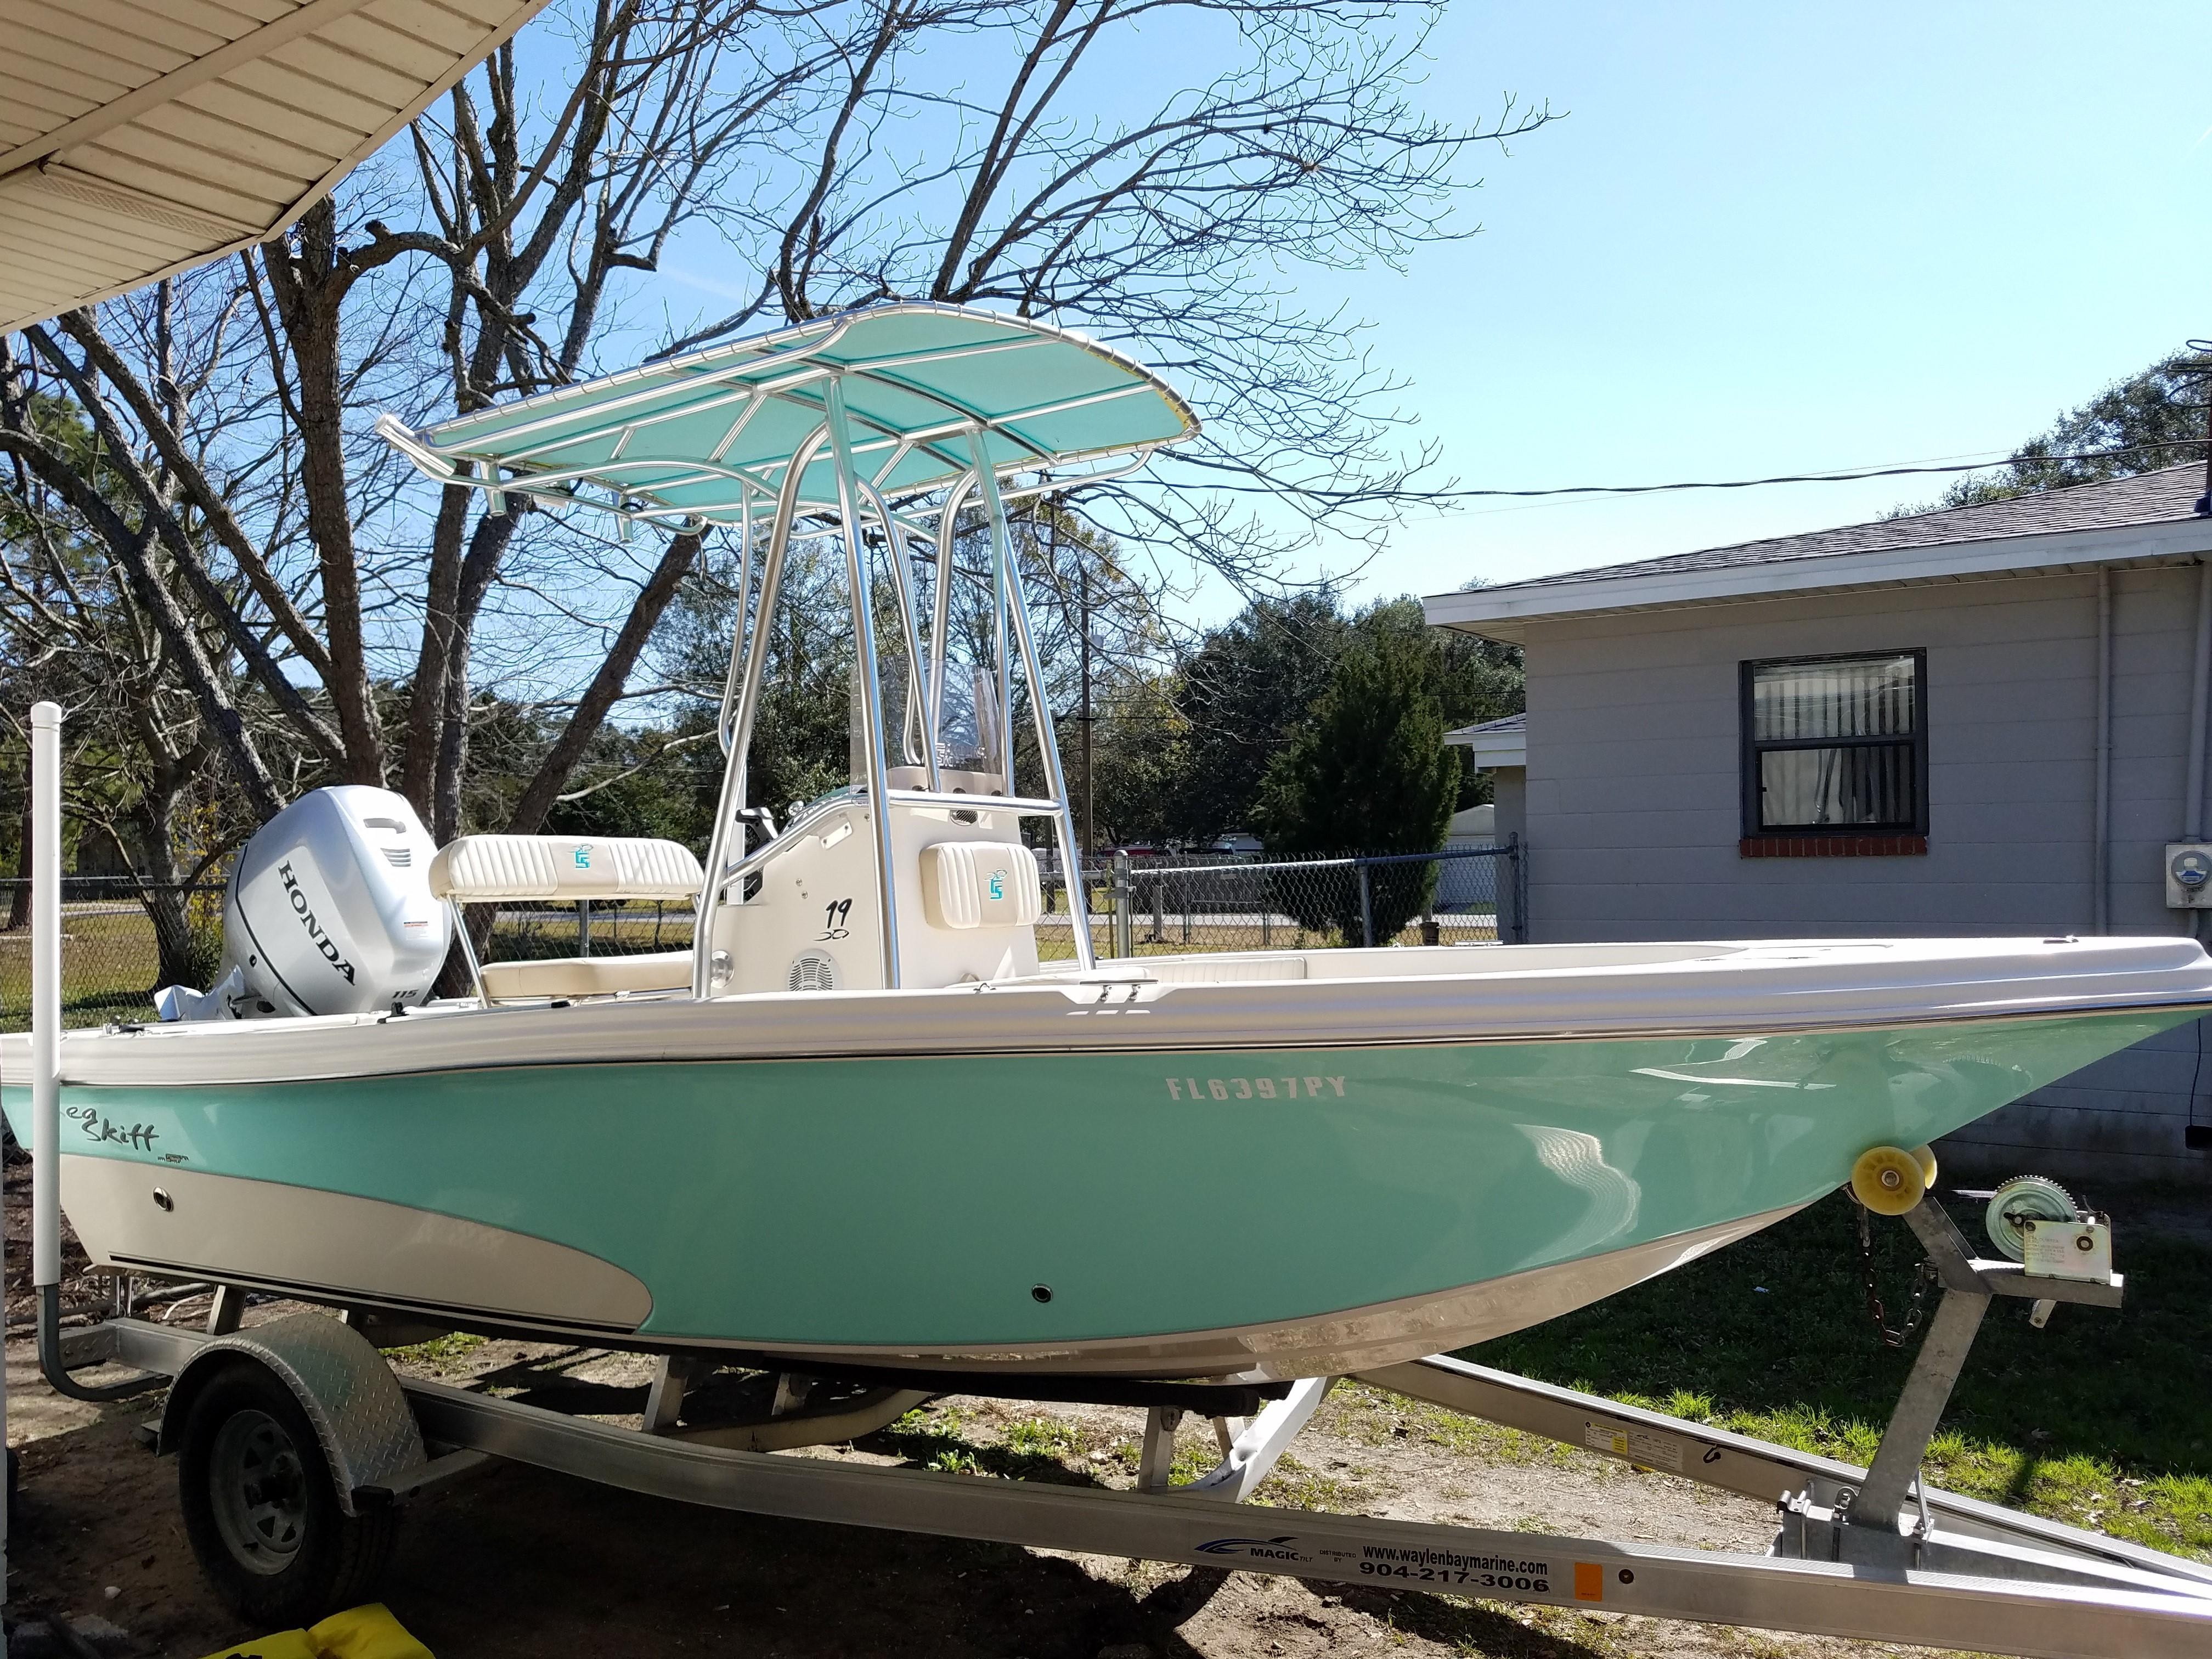 2015 Carolina Skiff 19 Sea Skiff Power Boat For Sale